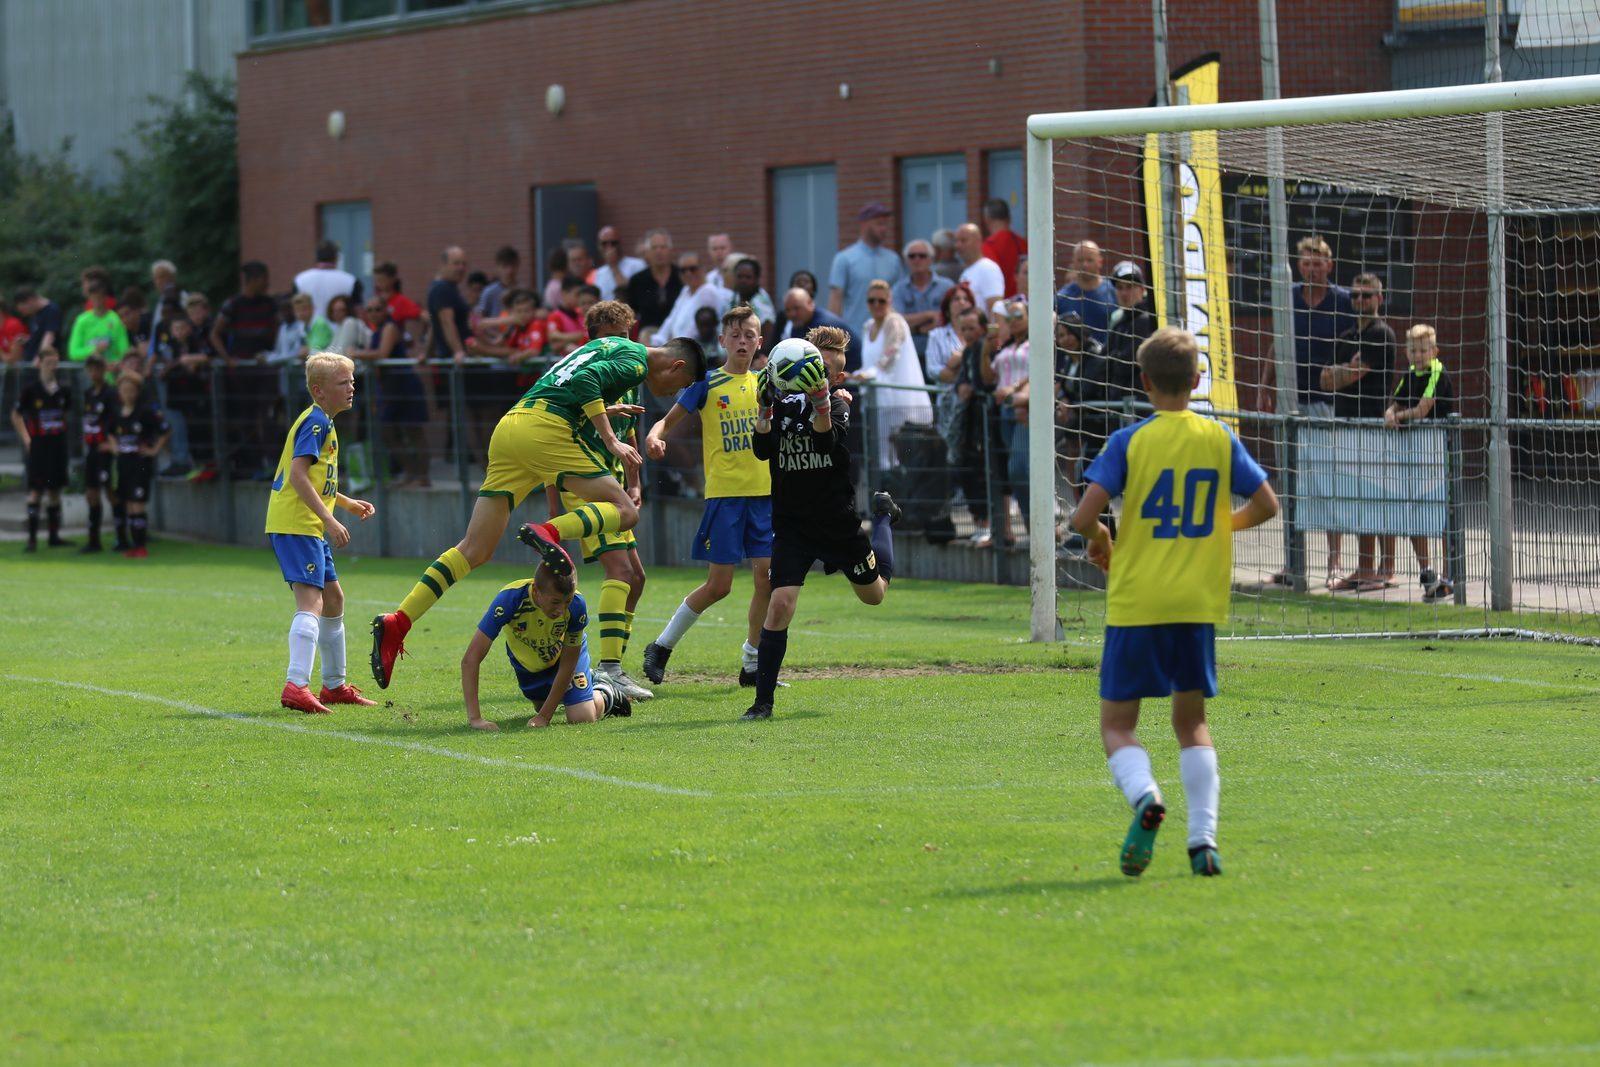 Das TopParken-U-14-Turnier